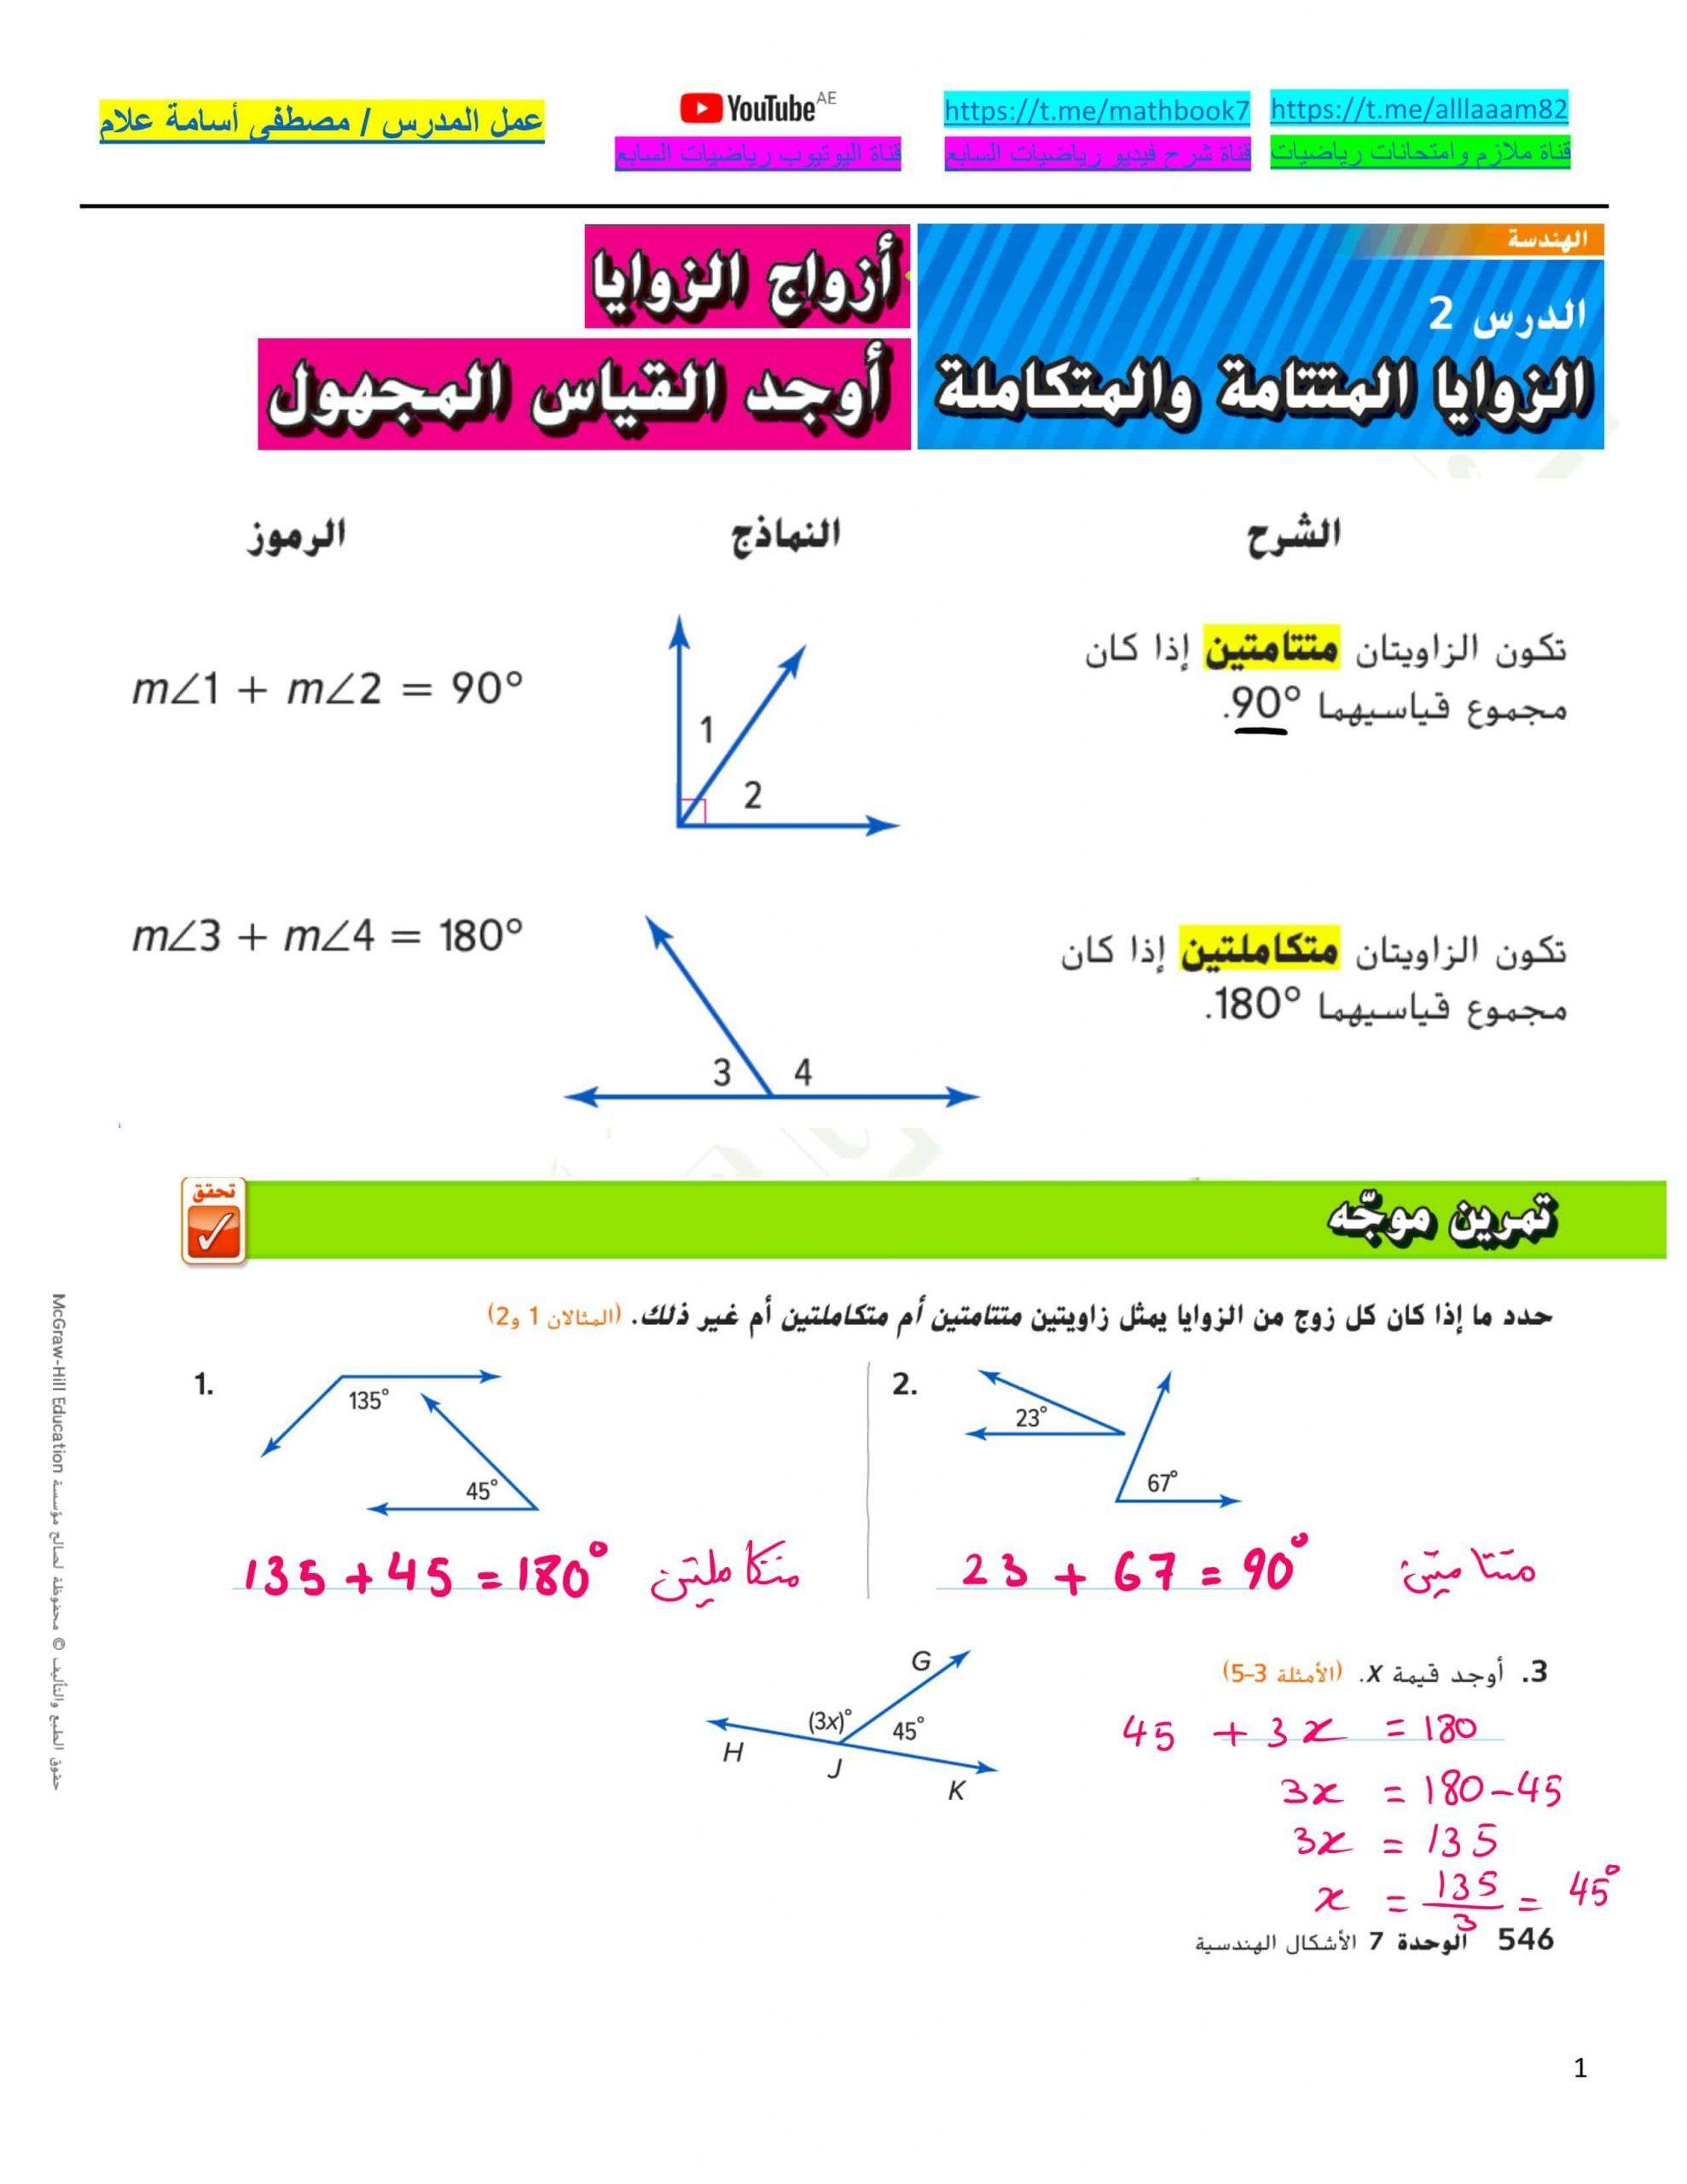 حل درس الزوايا المتتالية والمتكاملة الصف السابع مادة الرياضيات المتكاملة In 2021 Chart Map Map Screenshot